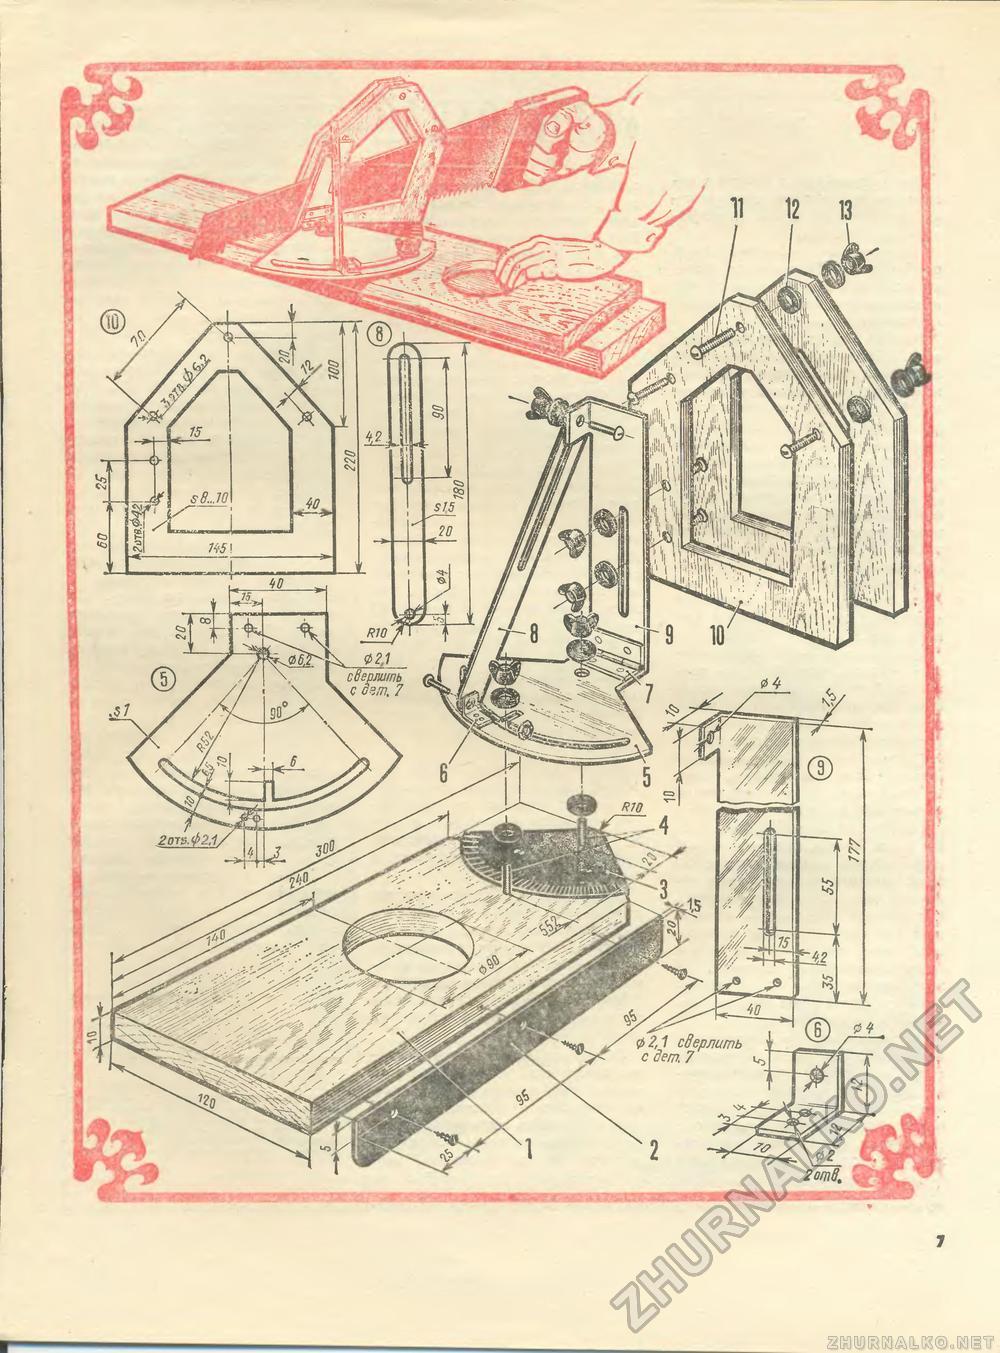 Ленточная пила своими руками : чертежи и советы по изготовлению 83